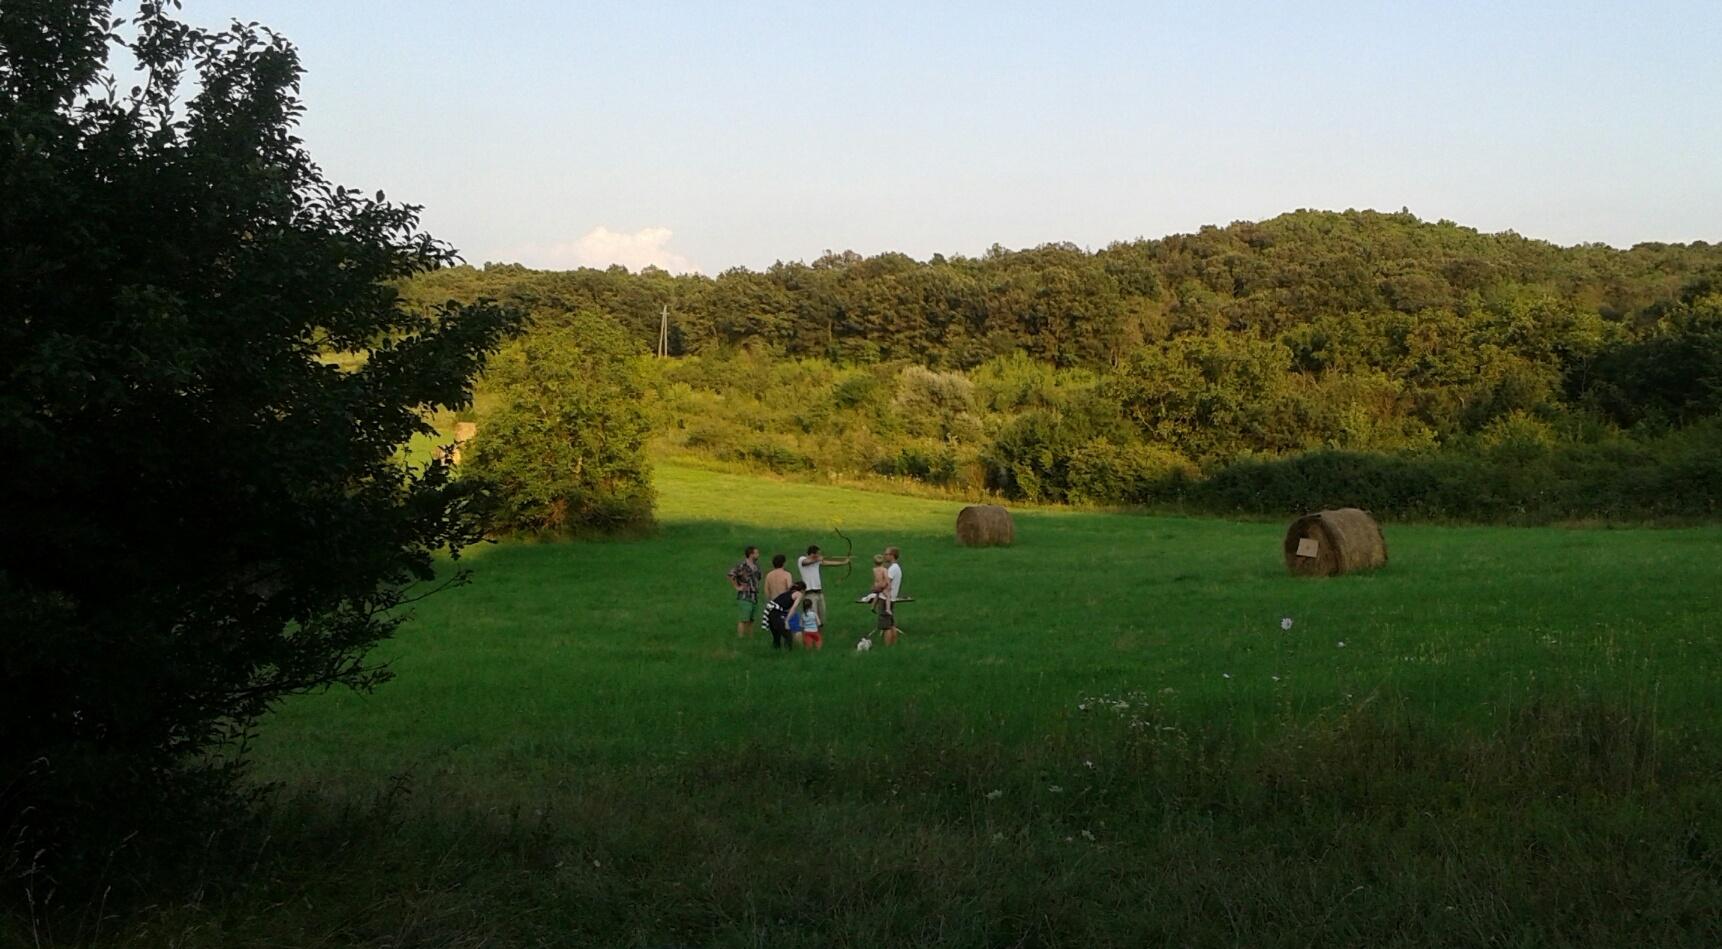 Tihany, barátok, relax. A nyilat később órákig keresgélték a fák között. :-)